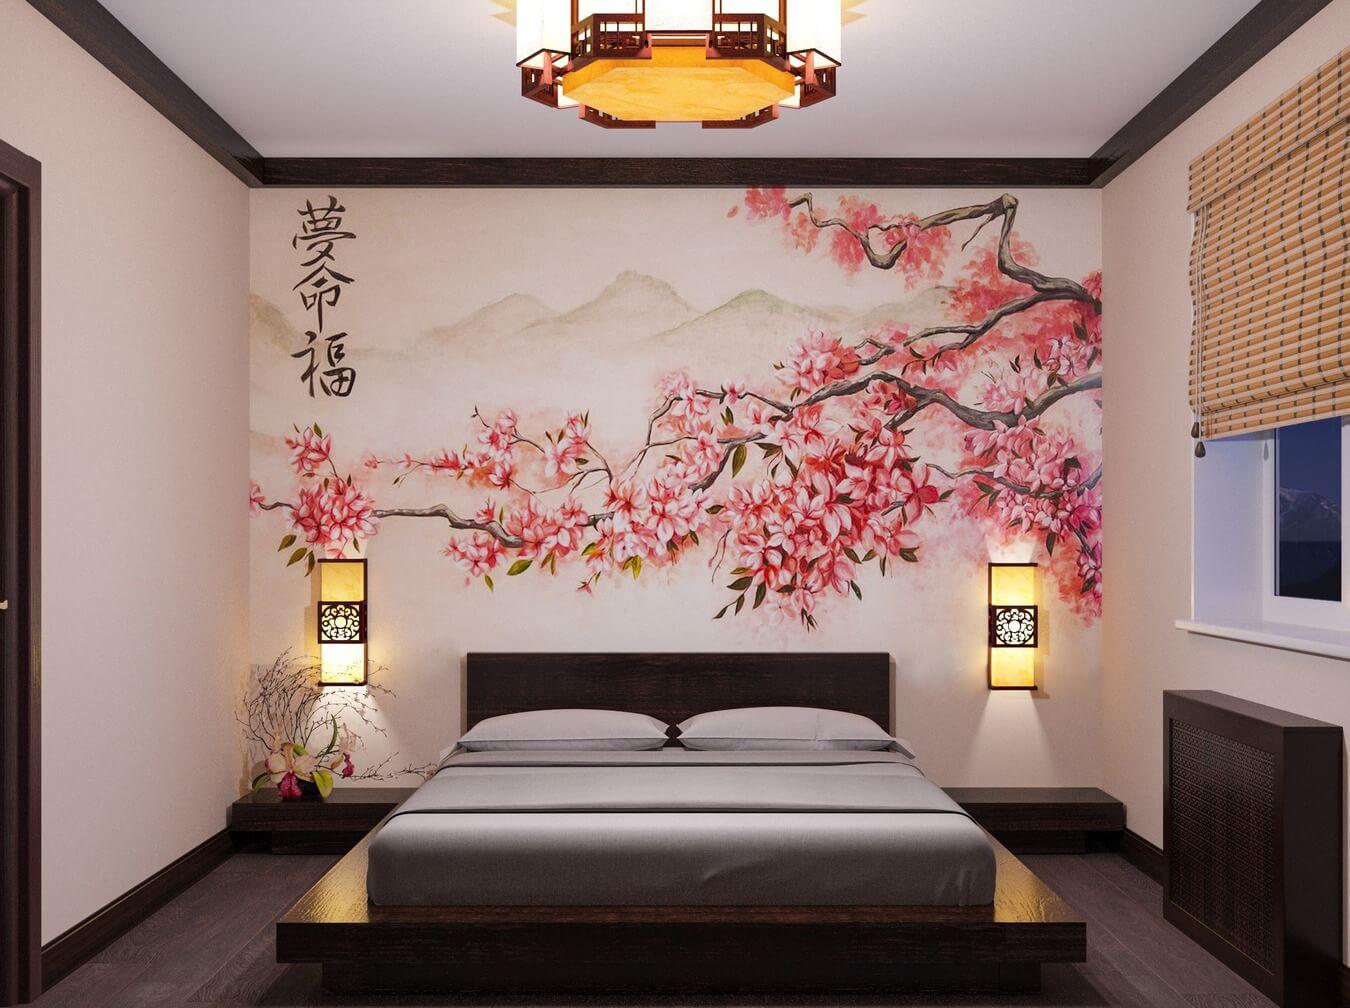 картинки для стены в спальне она